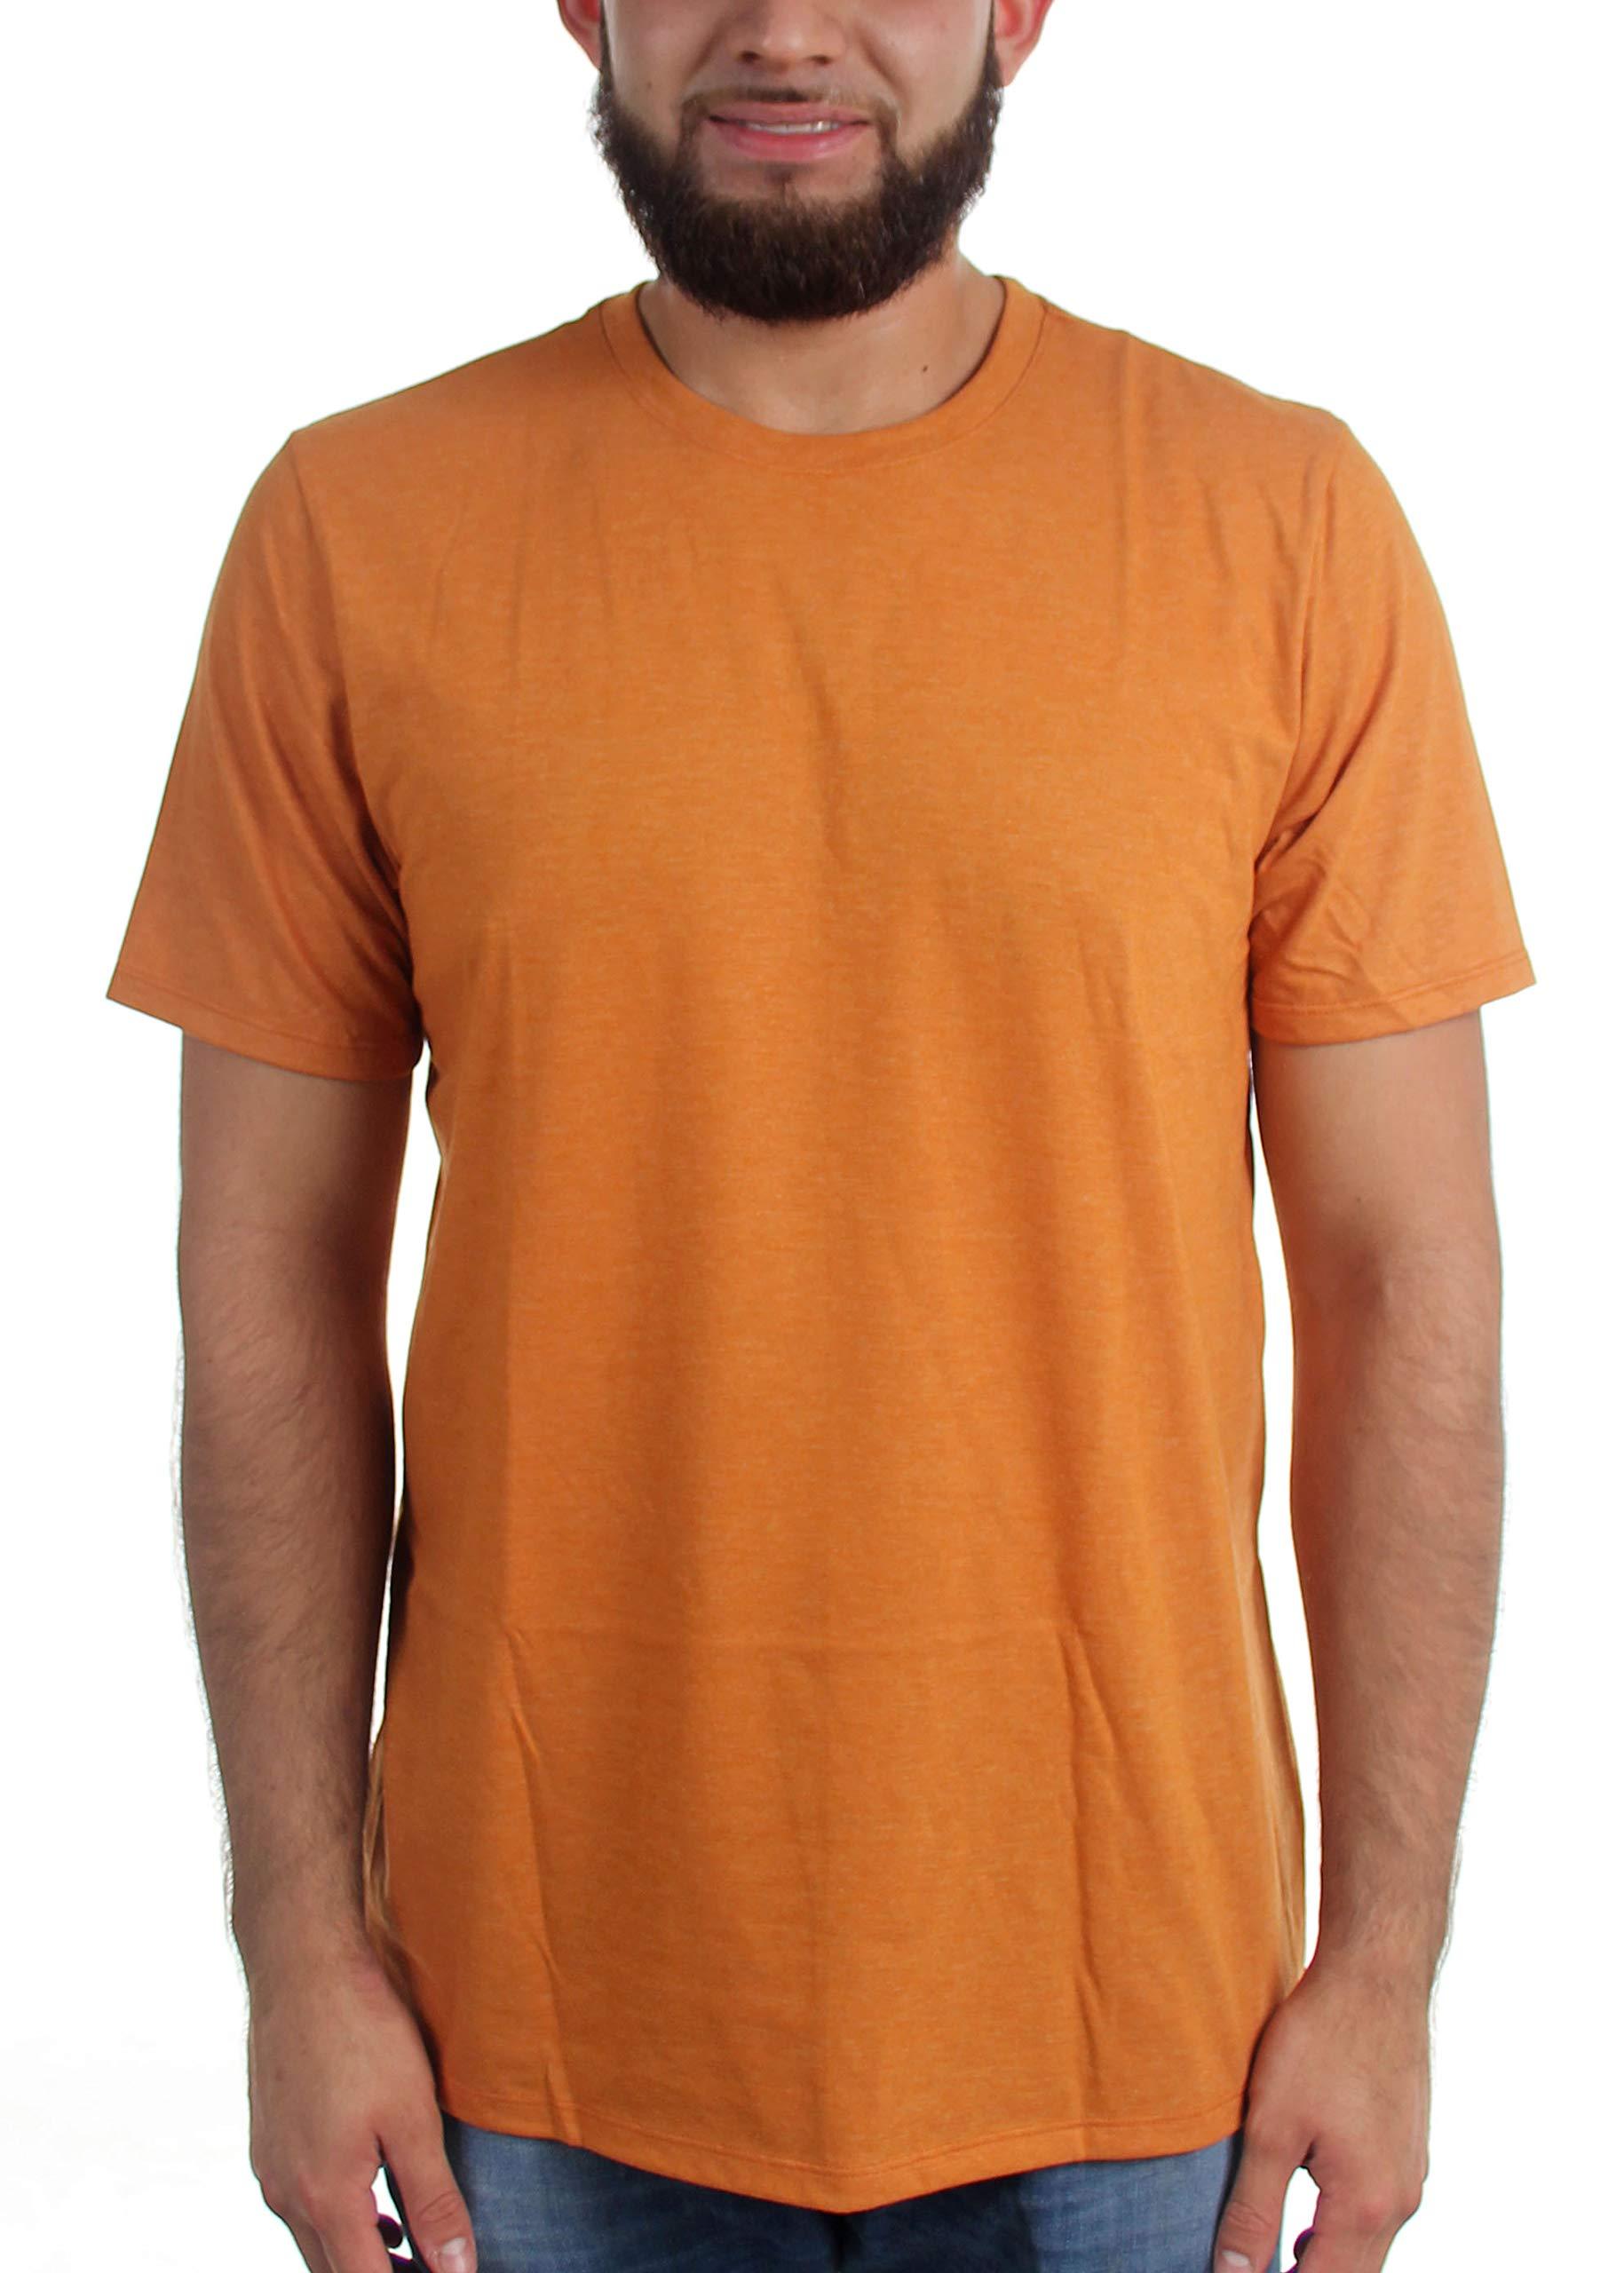 Hurley - Mens PRM Staple T-Shirt, Size: Large, Color: Monarch HTR